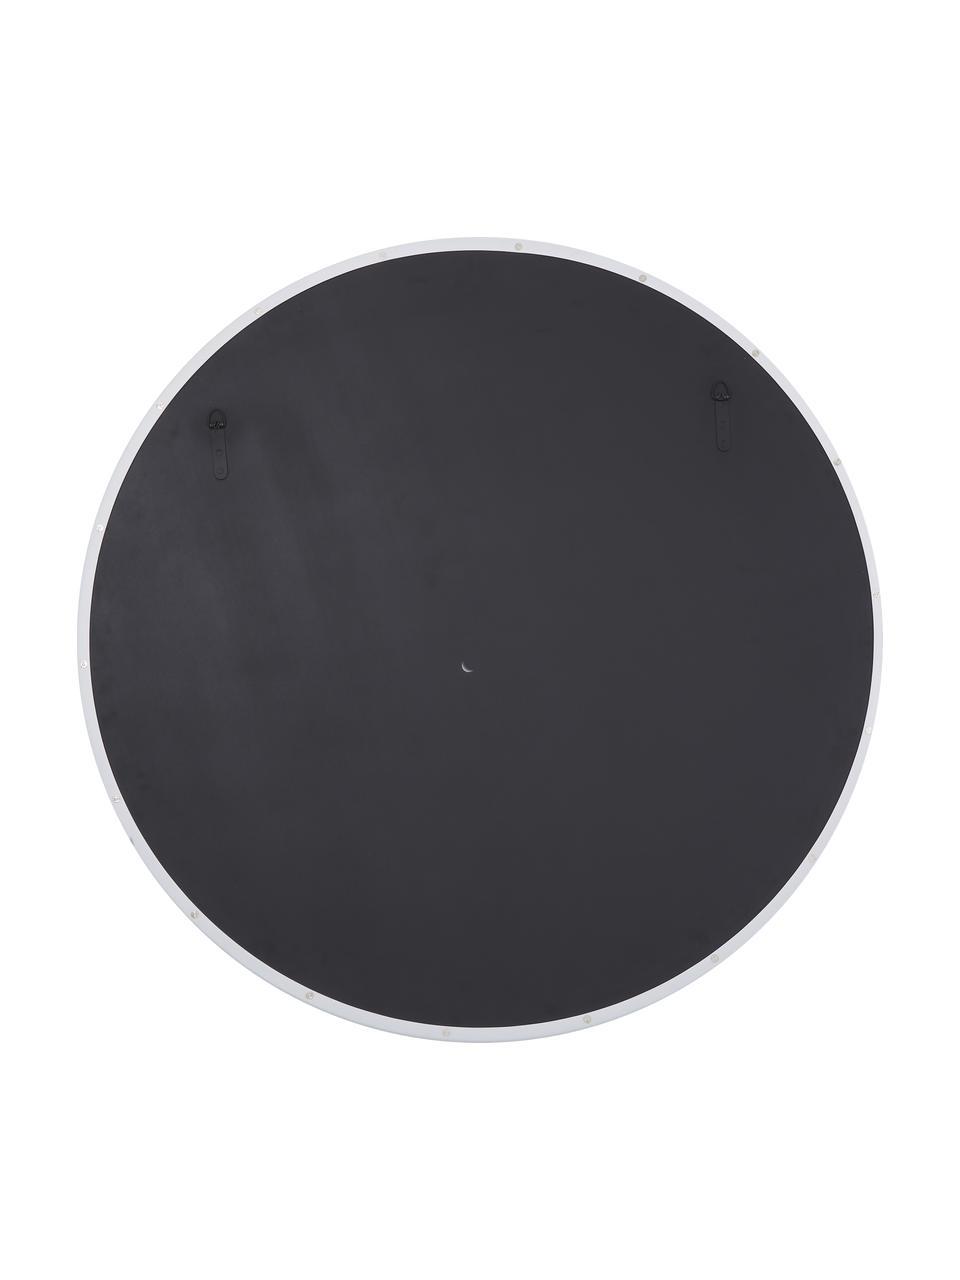 Runder Wandspiegel Ivy mit weißem Metallrahmen, Rahmen: Metall, pulverbeschichtet, Rückseite: Mitteldichte Holzfaserpla, Spiegelfläche: Spiegelglas, Weiß, Ø 100 x T 3 cm